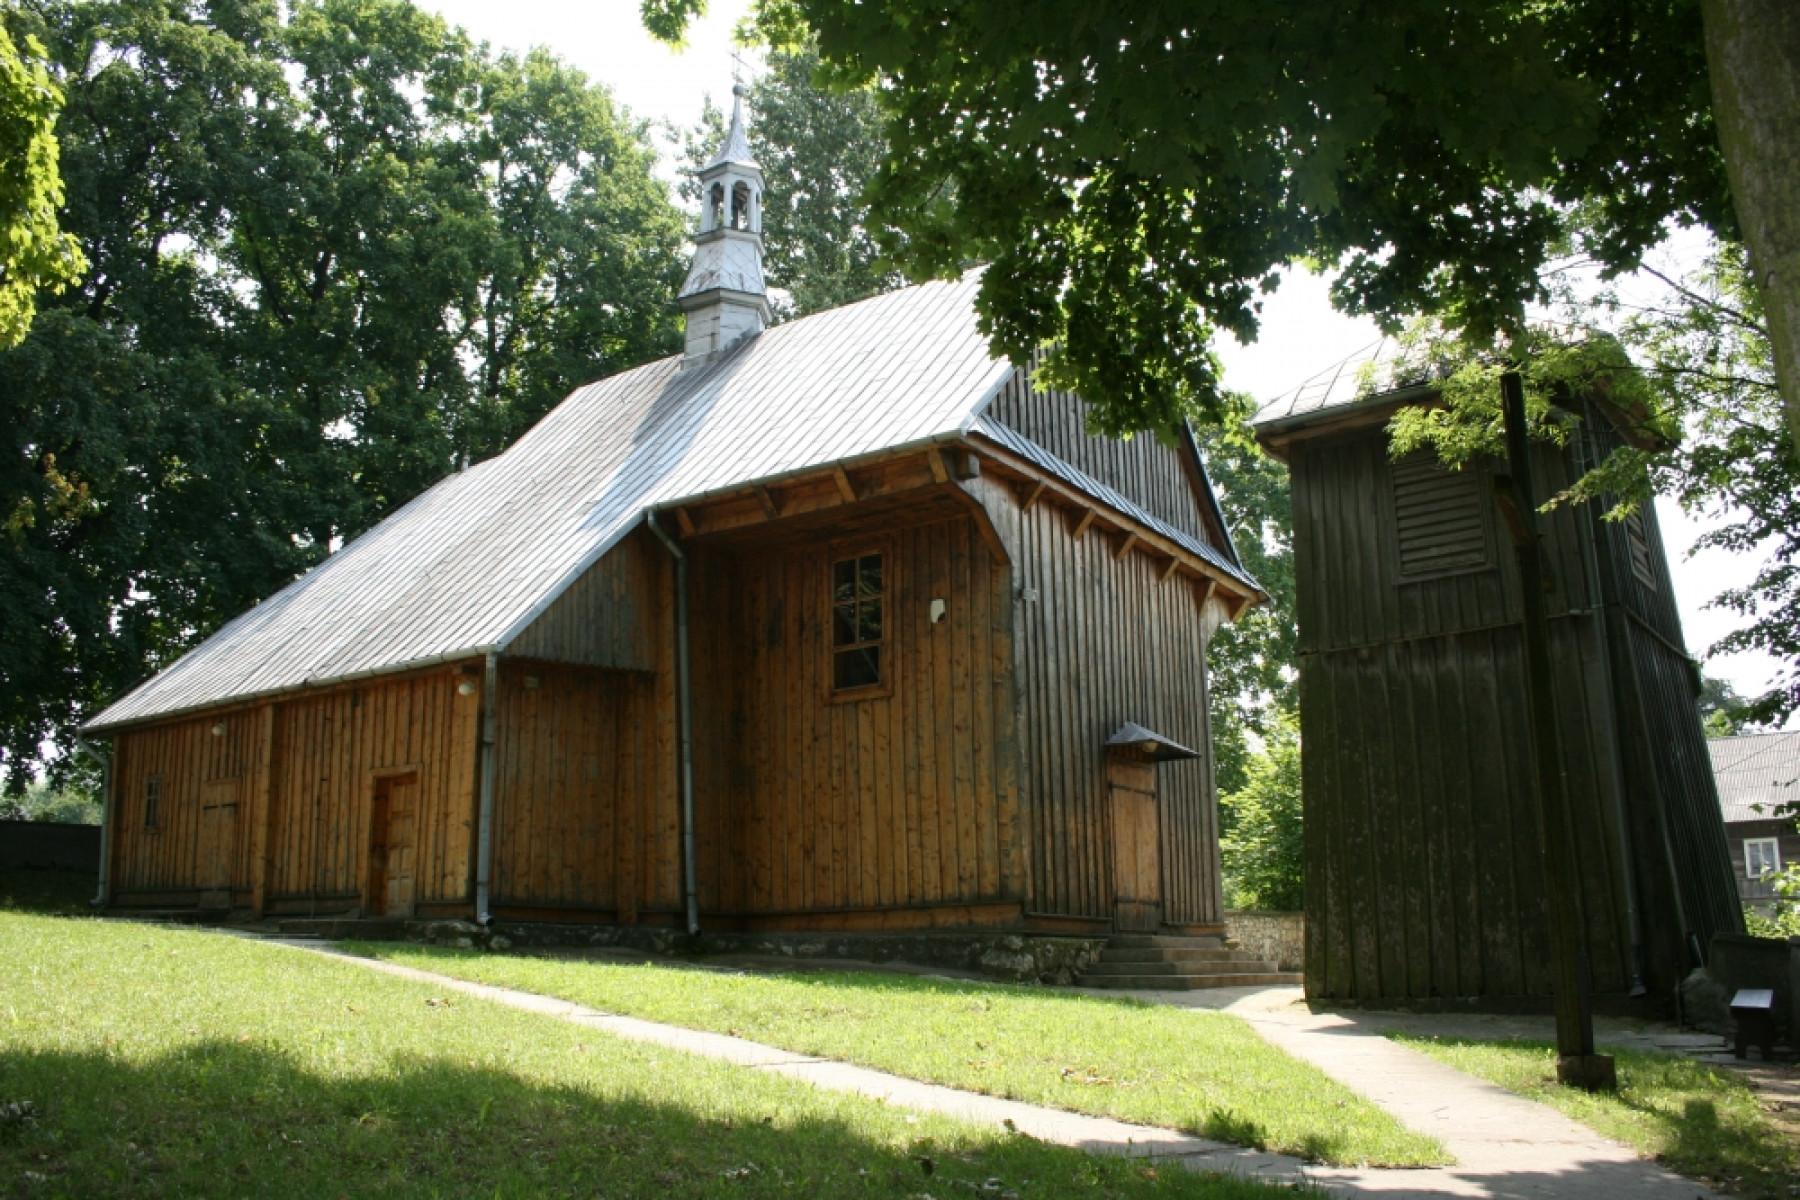 Kościół parafialny w Ulinie Wielkiej z 1655r. z zabytkową drewnianą dzwonnicą z przełomu XII i XIII wieku